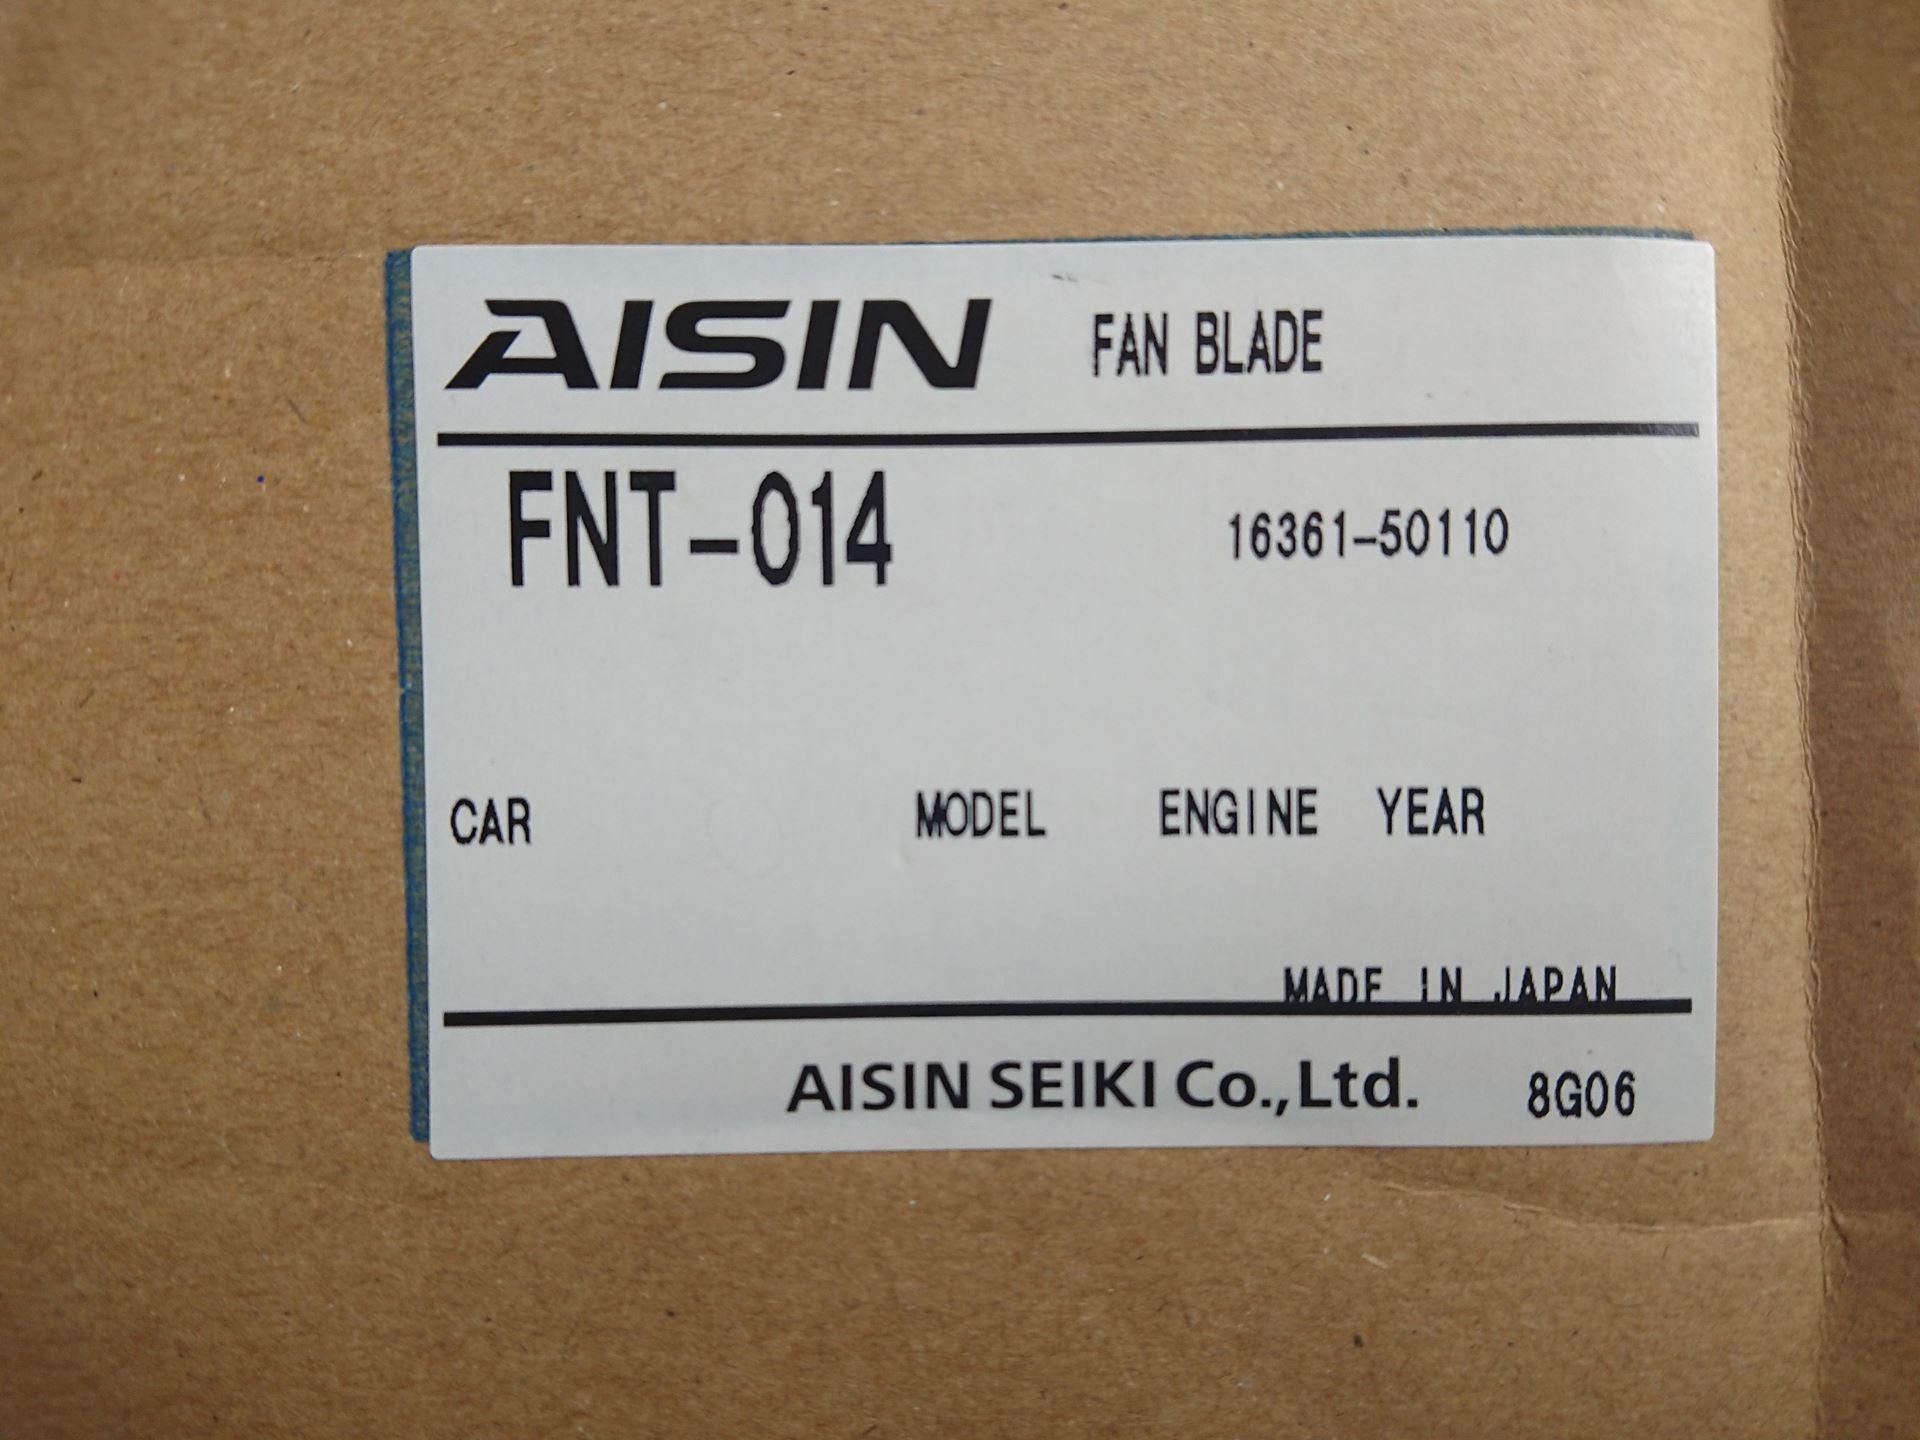 Picture of FNT-014 Cánh quạt Lexus GX470, LX470 máy 2UZ chính hãng